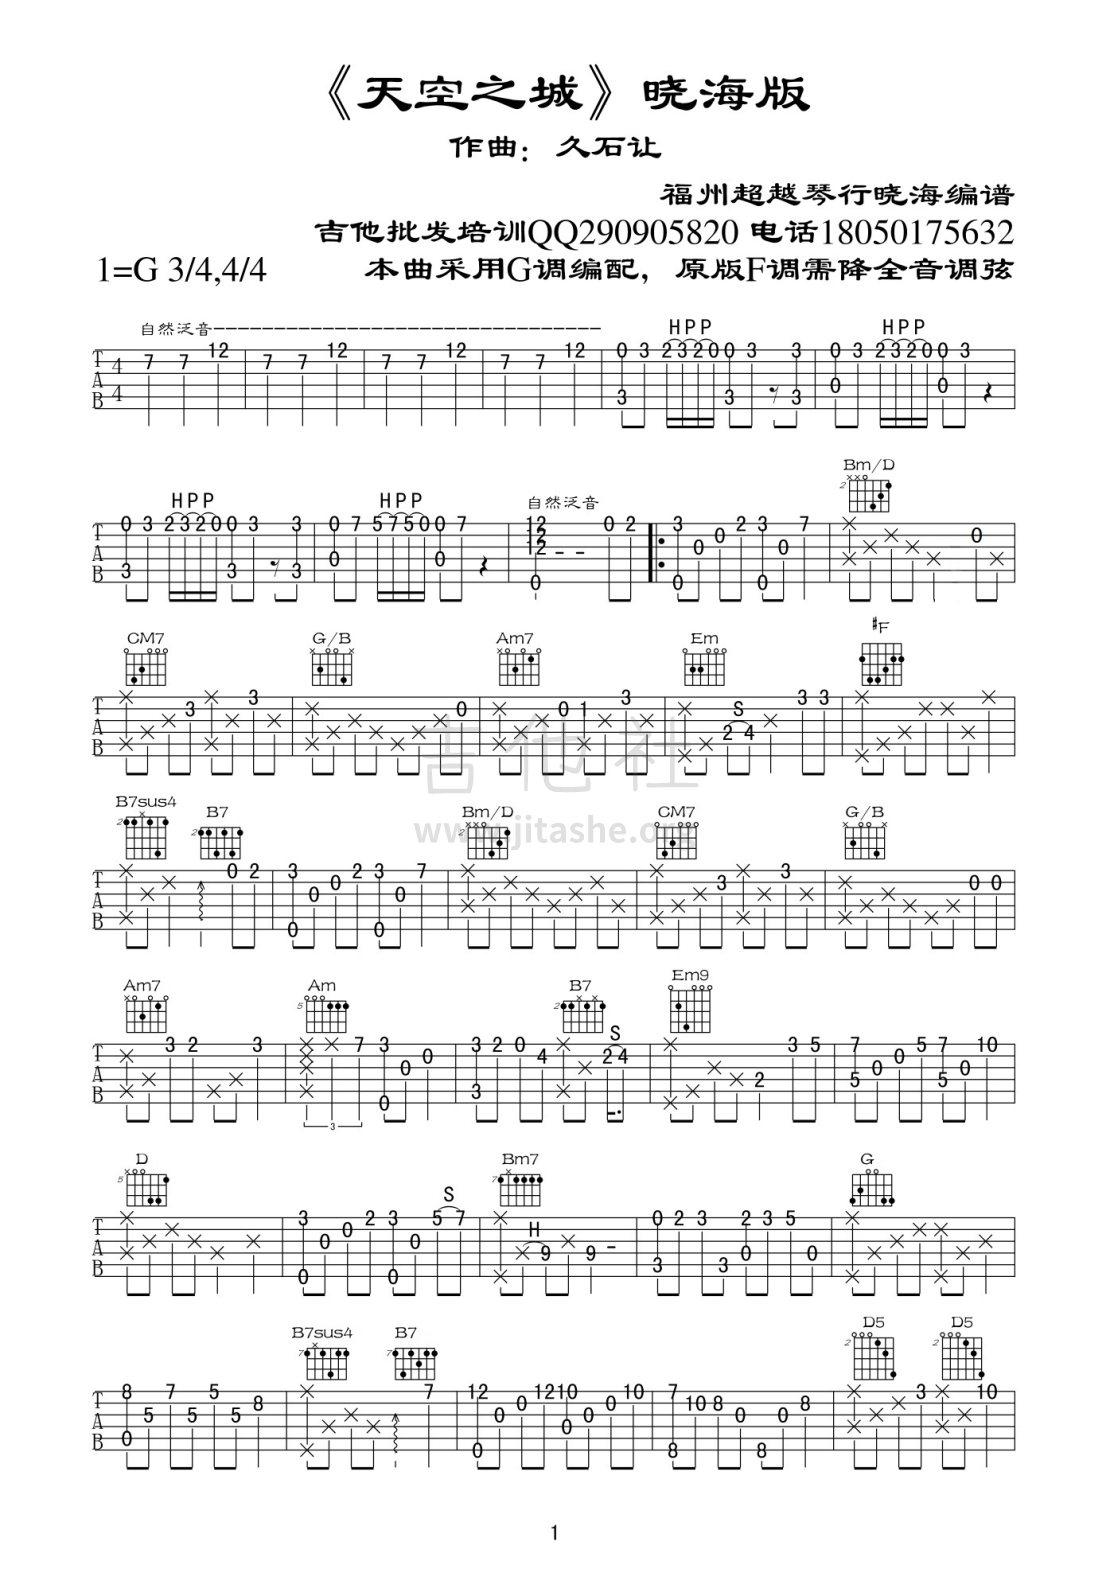 天空之城(正常调弦、接近原版)吉他谱(图片谱,独奏,泛音)_动漫游戏(ACG)_天空之城01.jpg